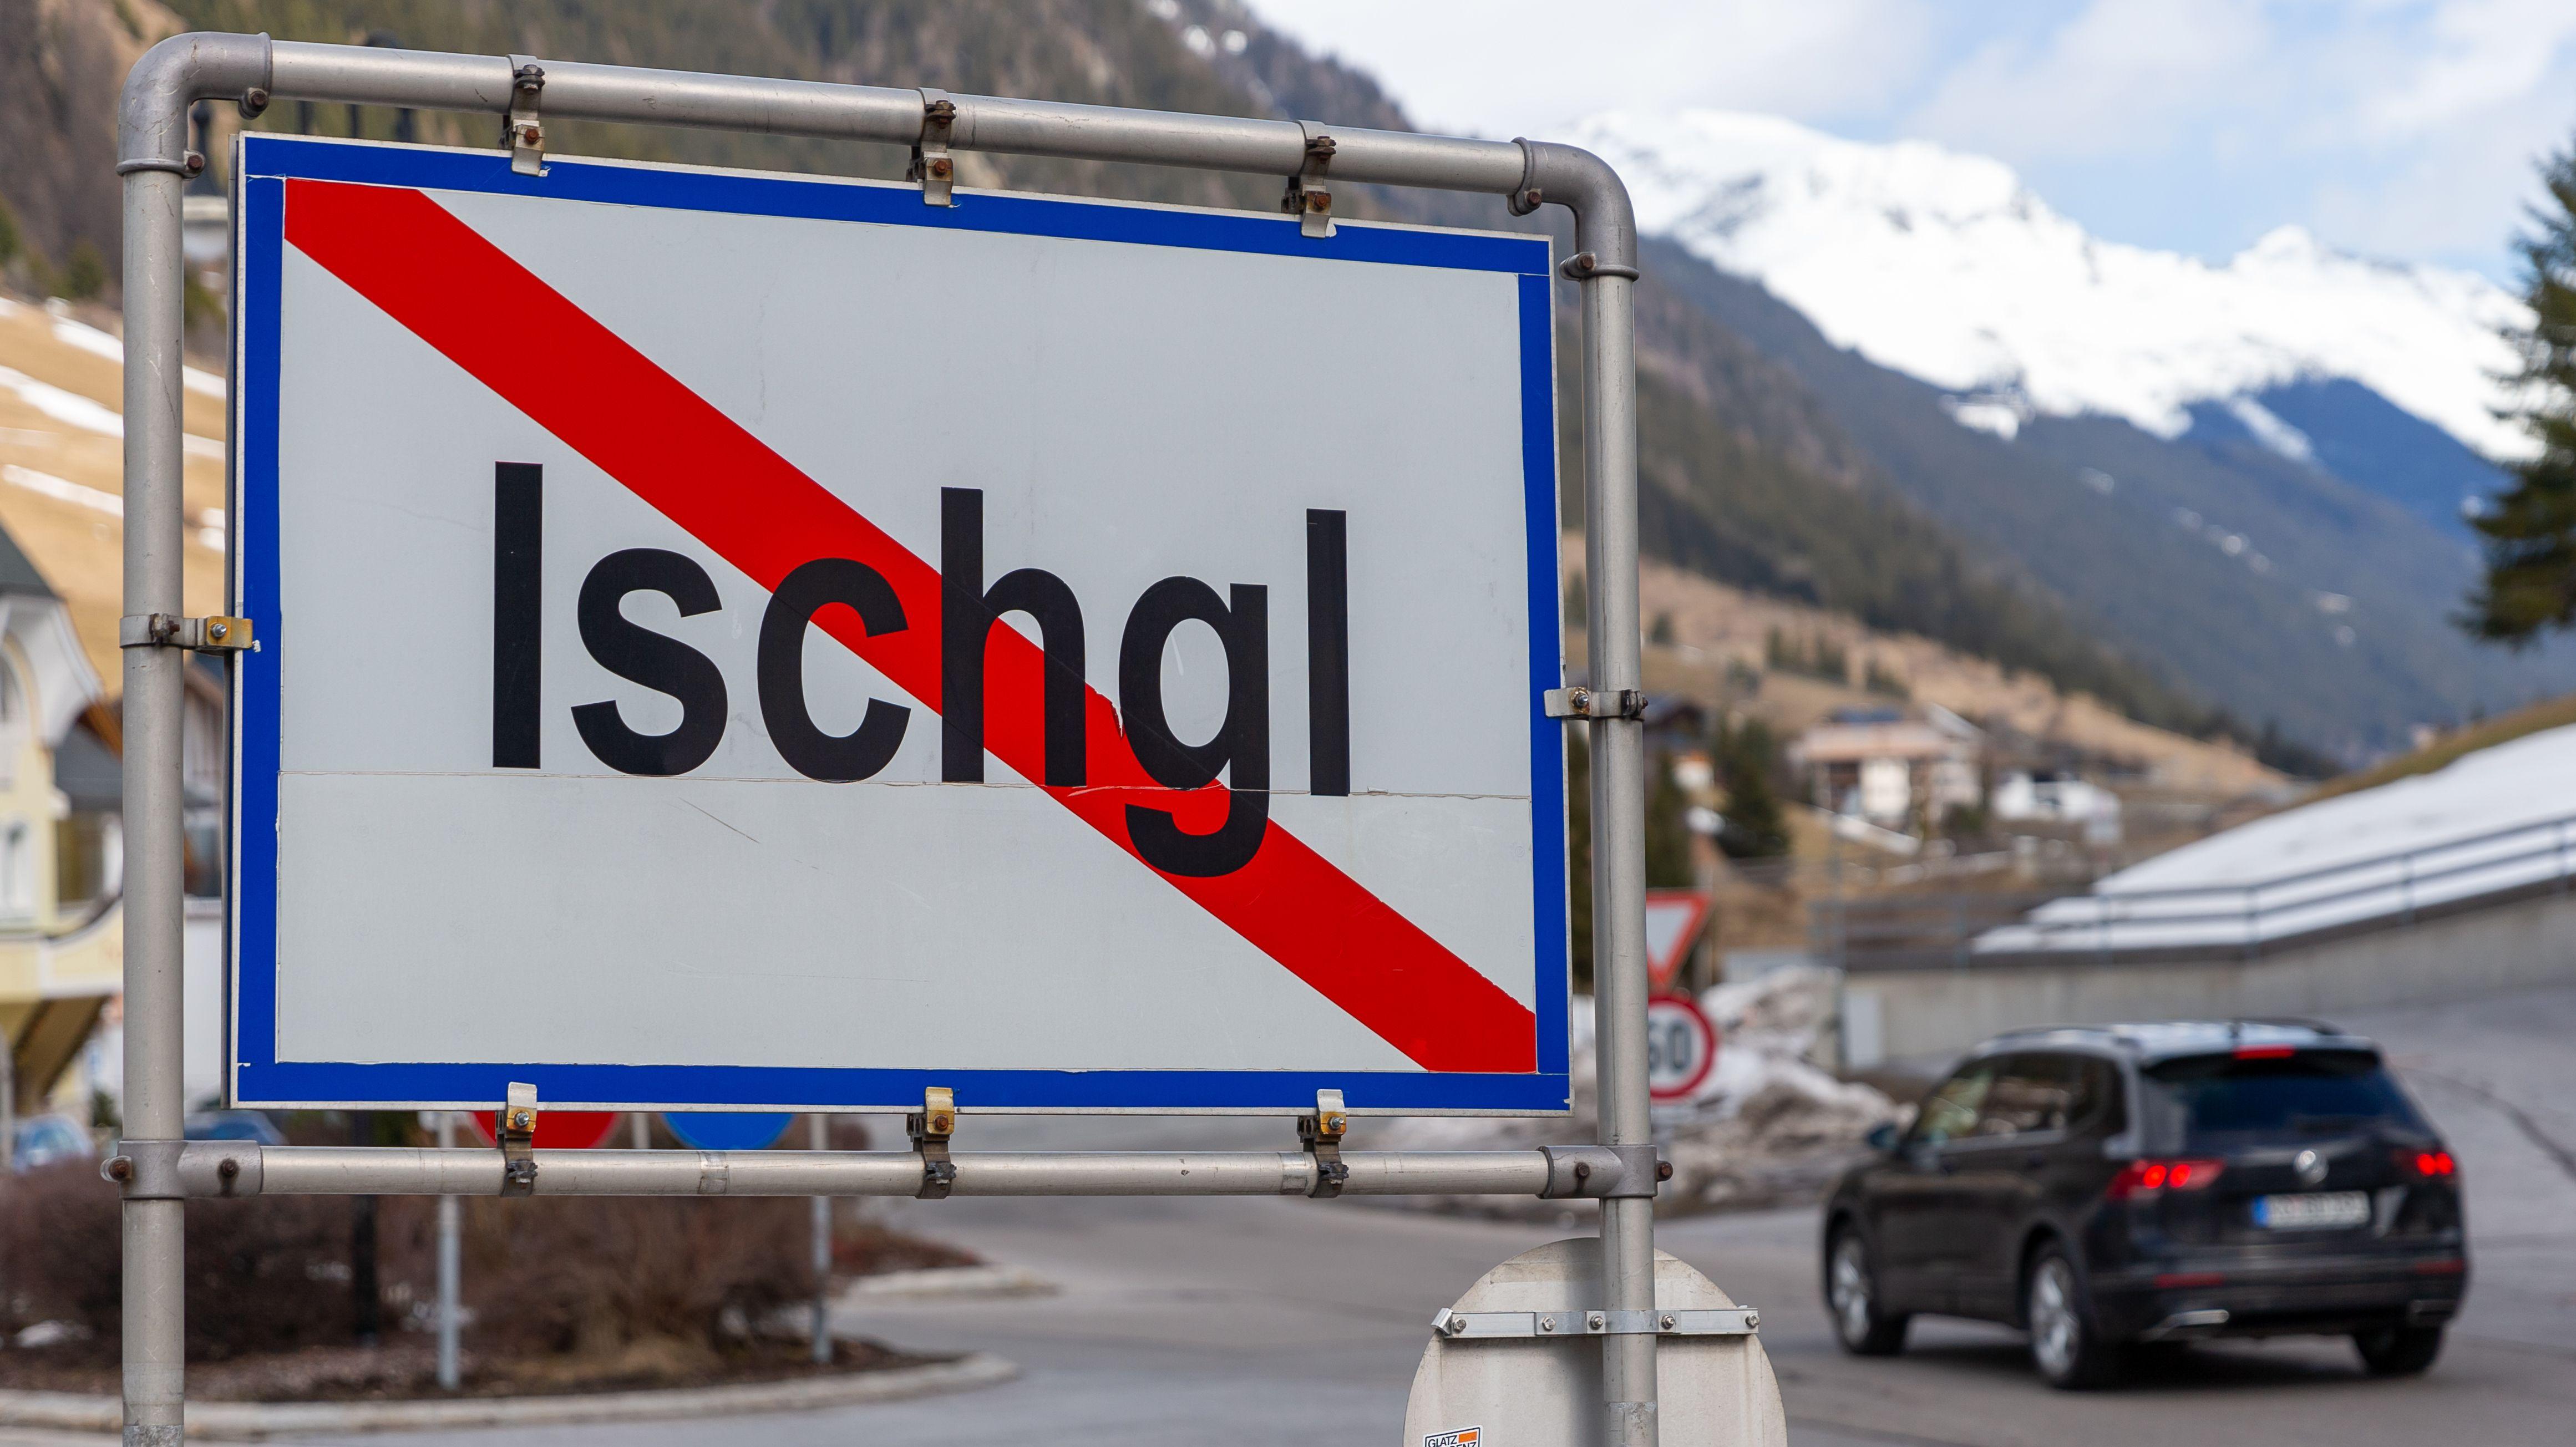 Ortsschild von Ischgl